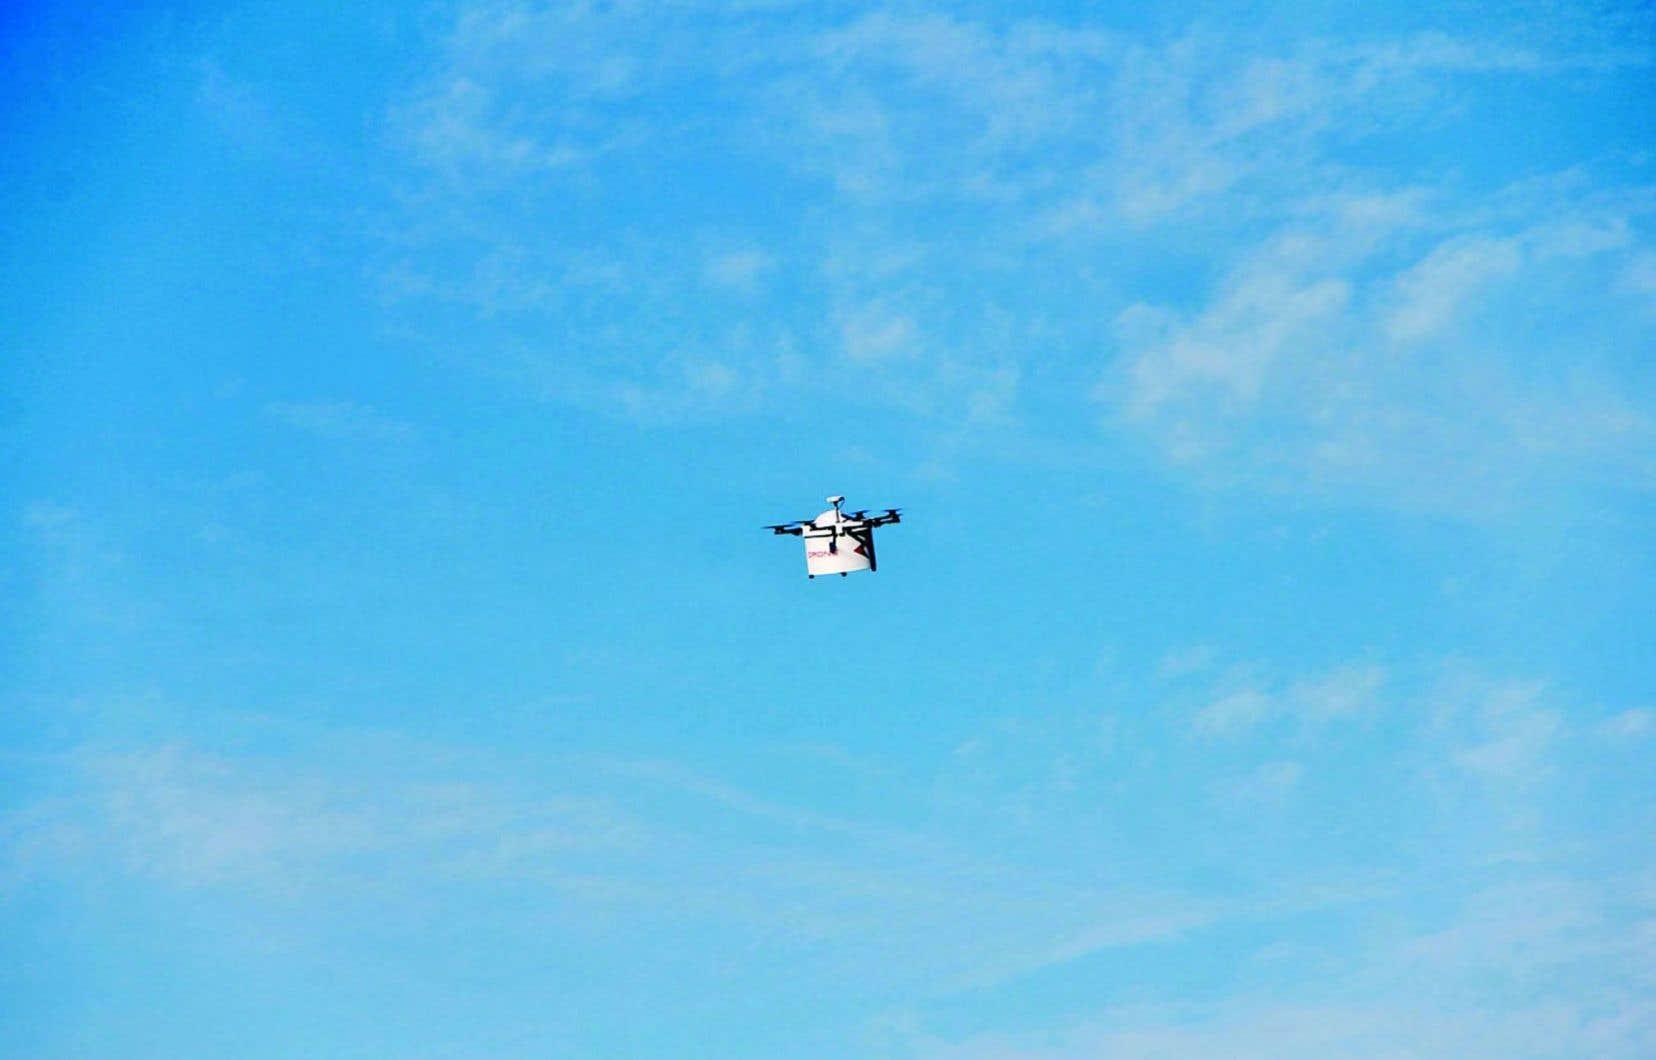 Drone Delivery Canada développe des plateformes pour drones commerciaux.